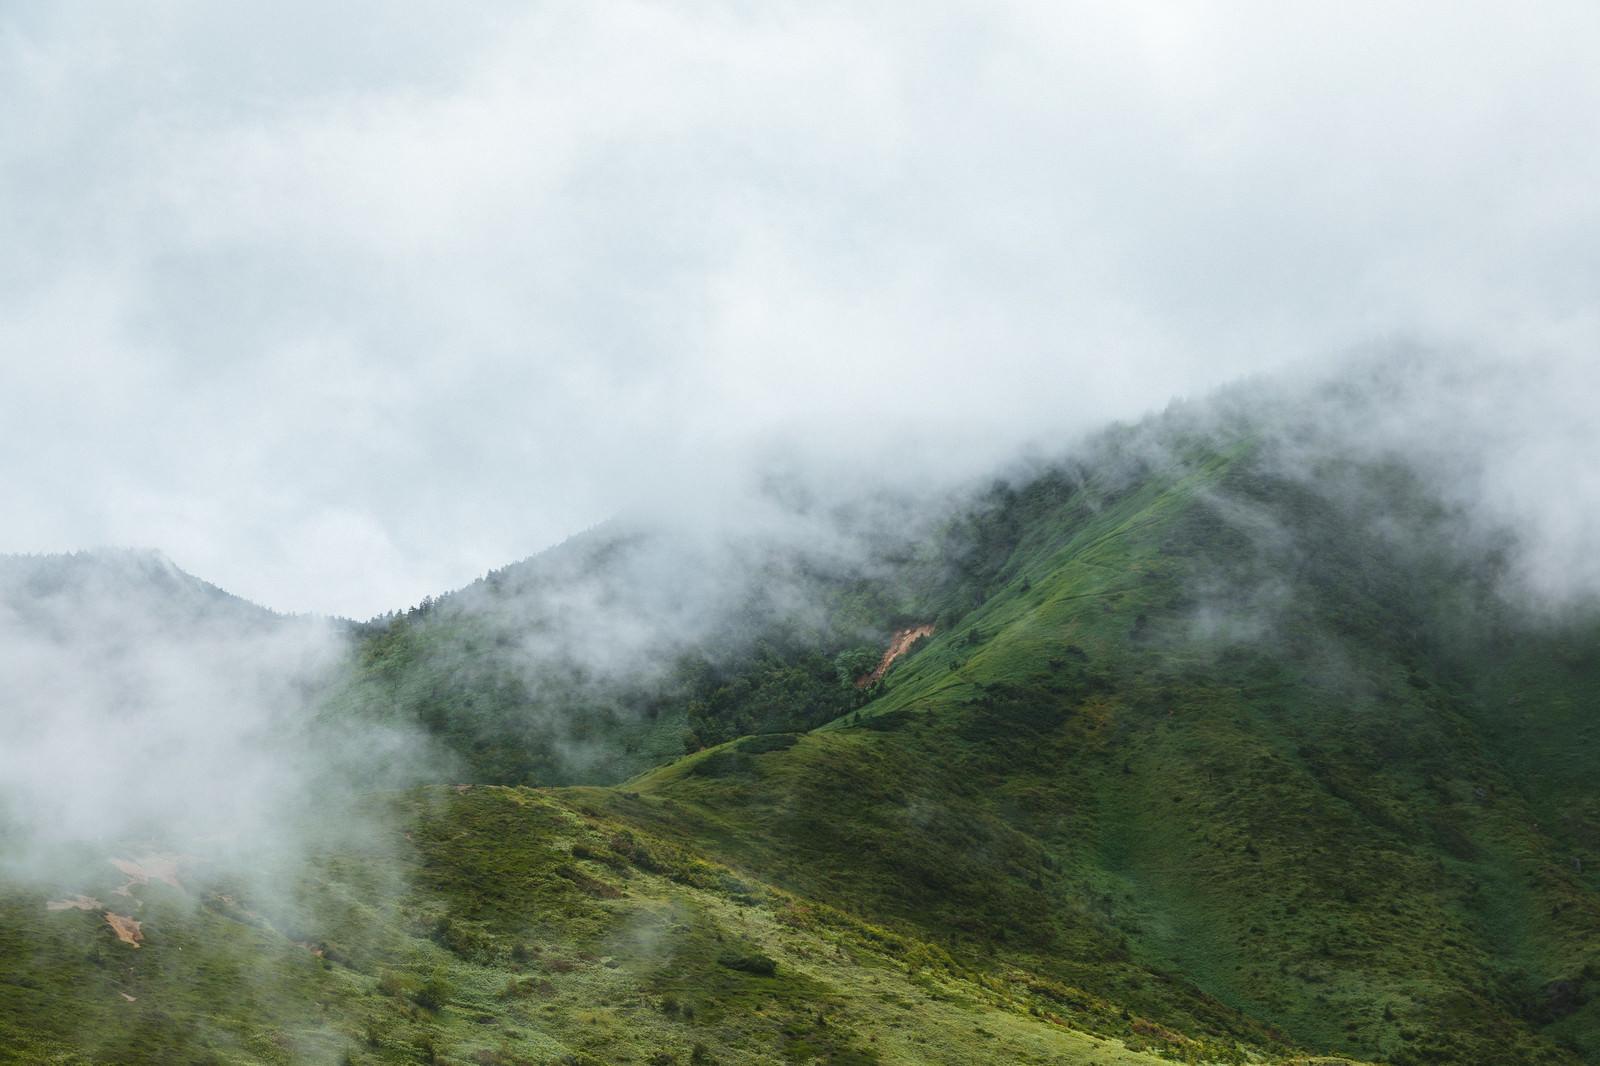 「靄がたちこめる山」の写真